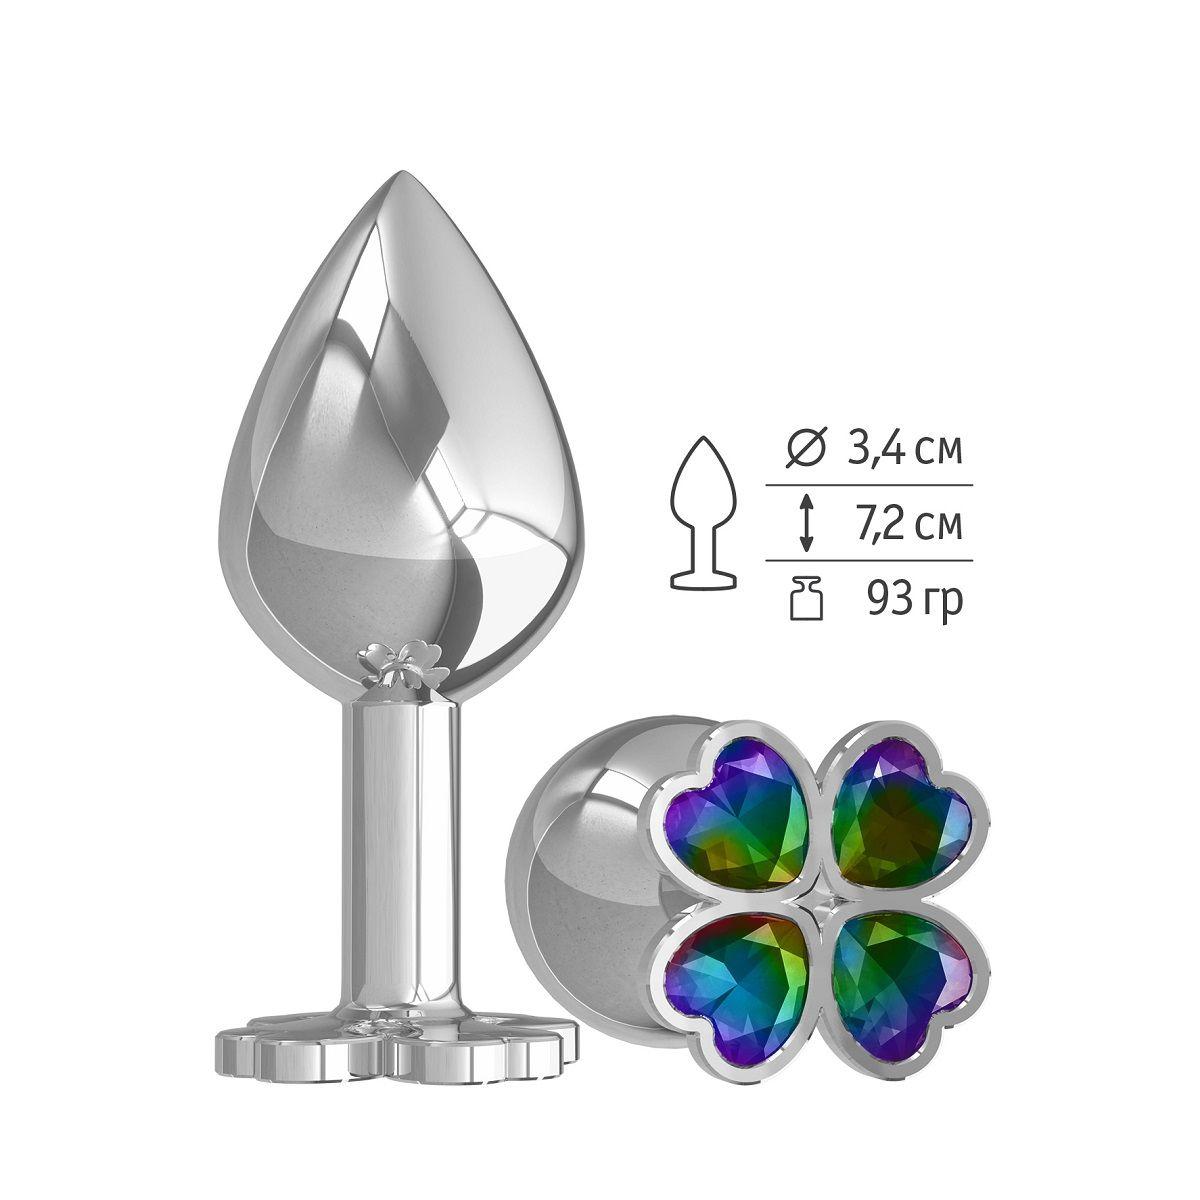 Средняя серебристая анальная втулка с клевером из радужных кристаллов - 8,5 см.